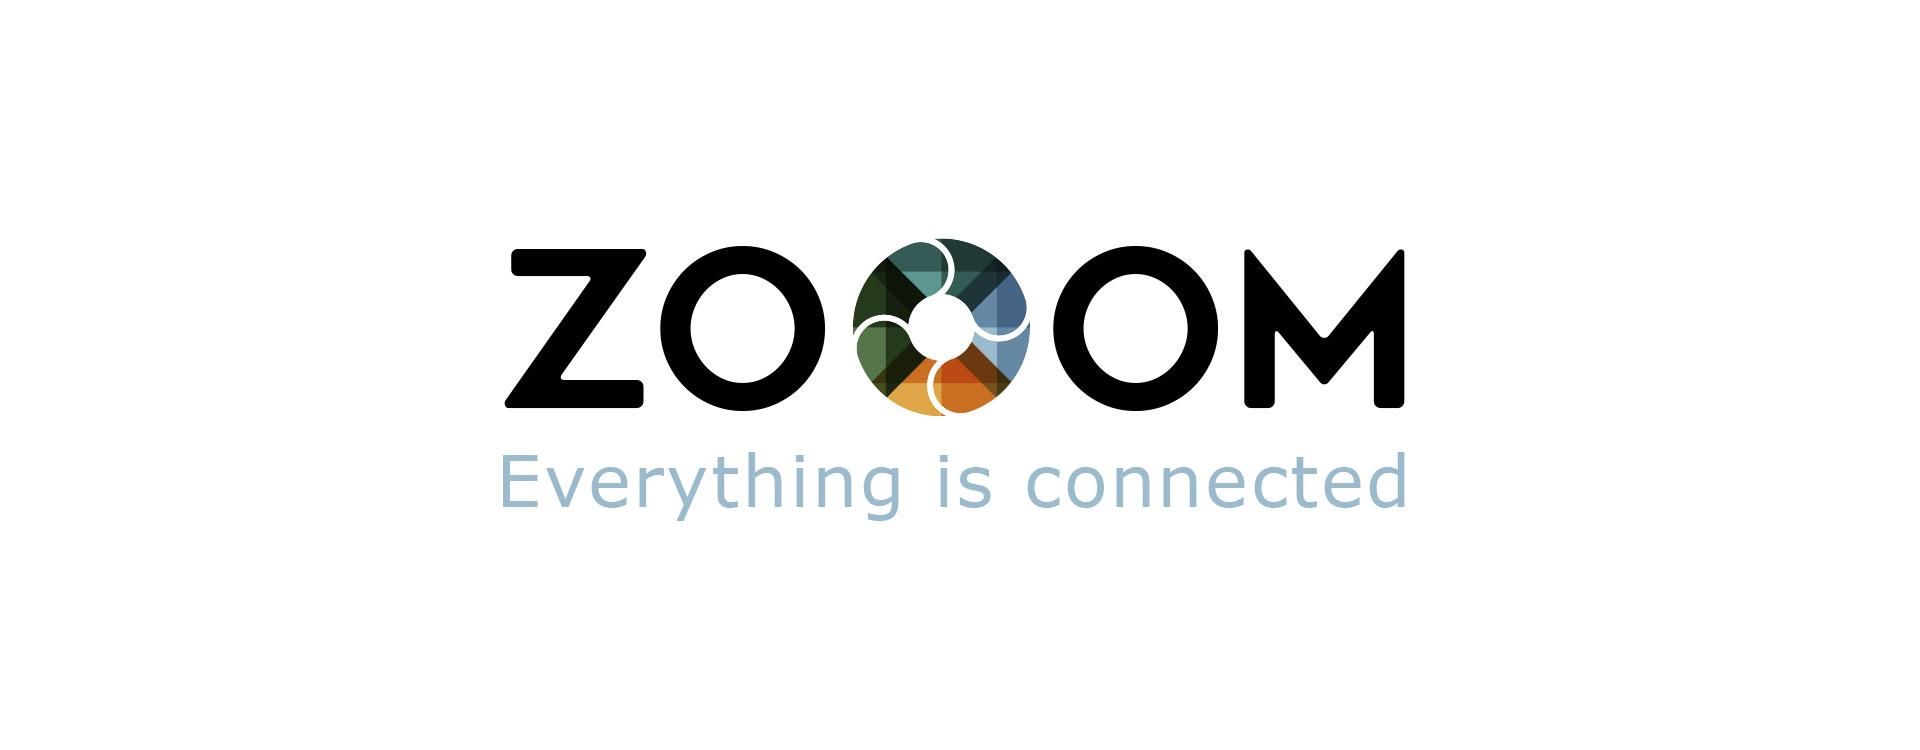 Event branding ZOOOM festival logo